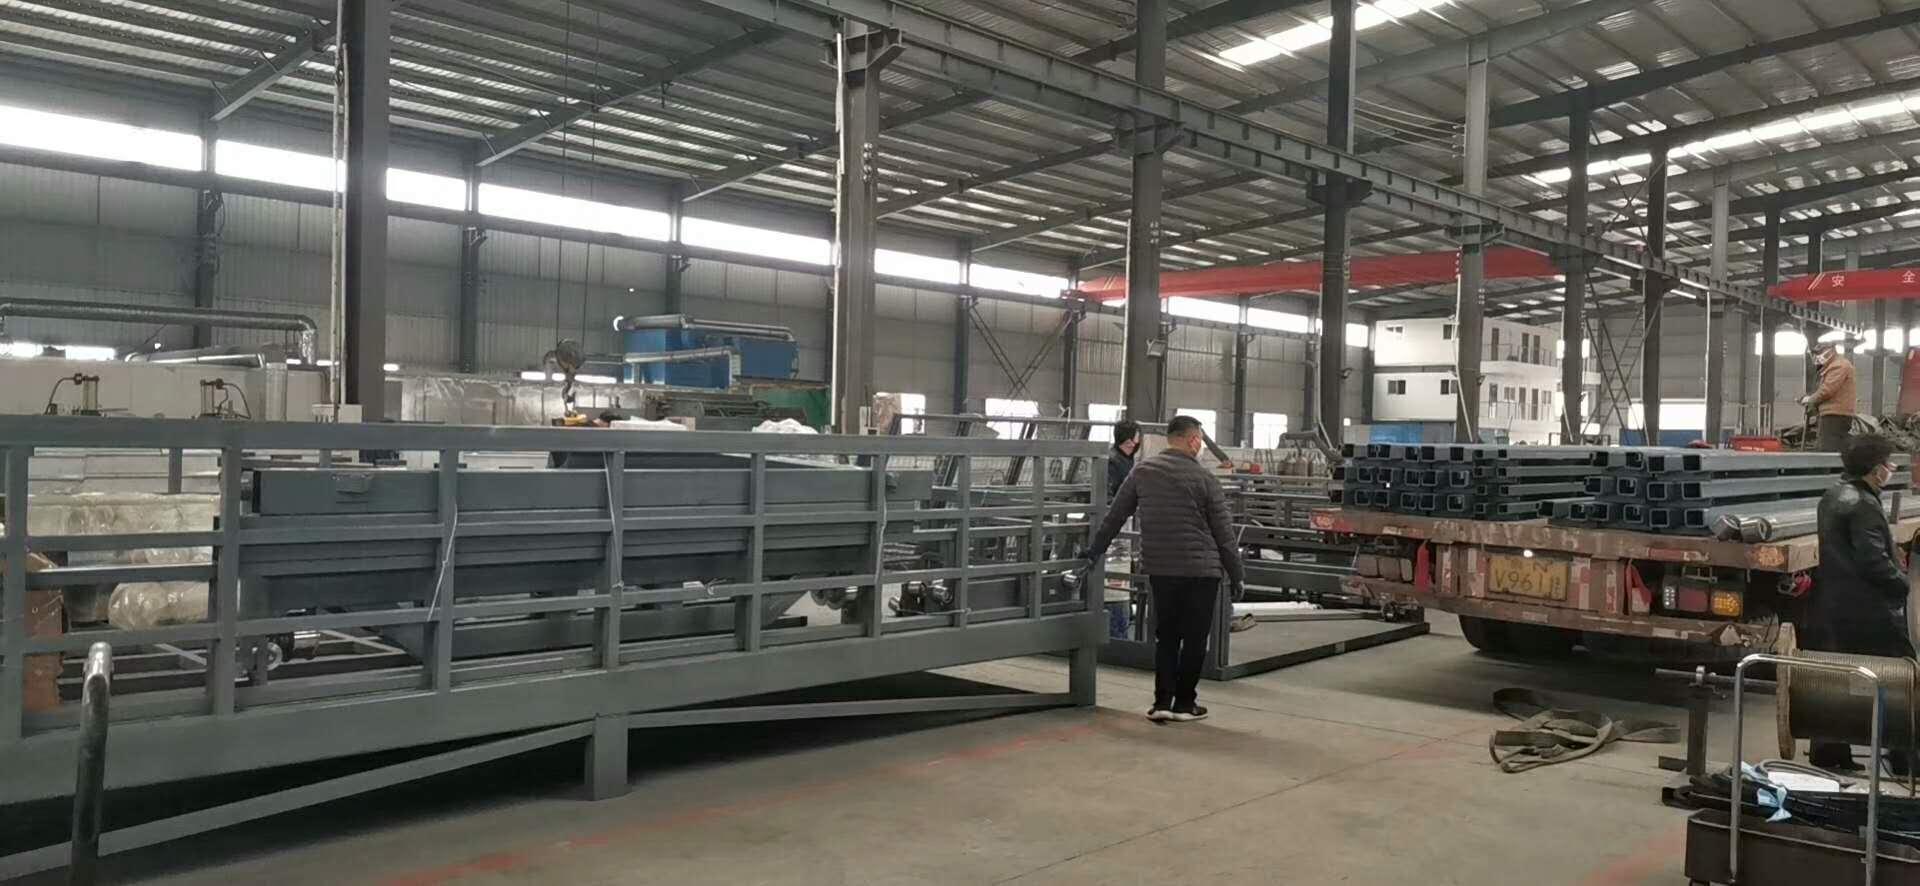 黑龙江地上三层升降横移类立体车库立体停车设备厂家电话质量可靠